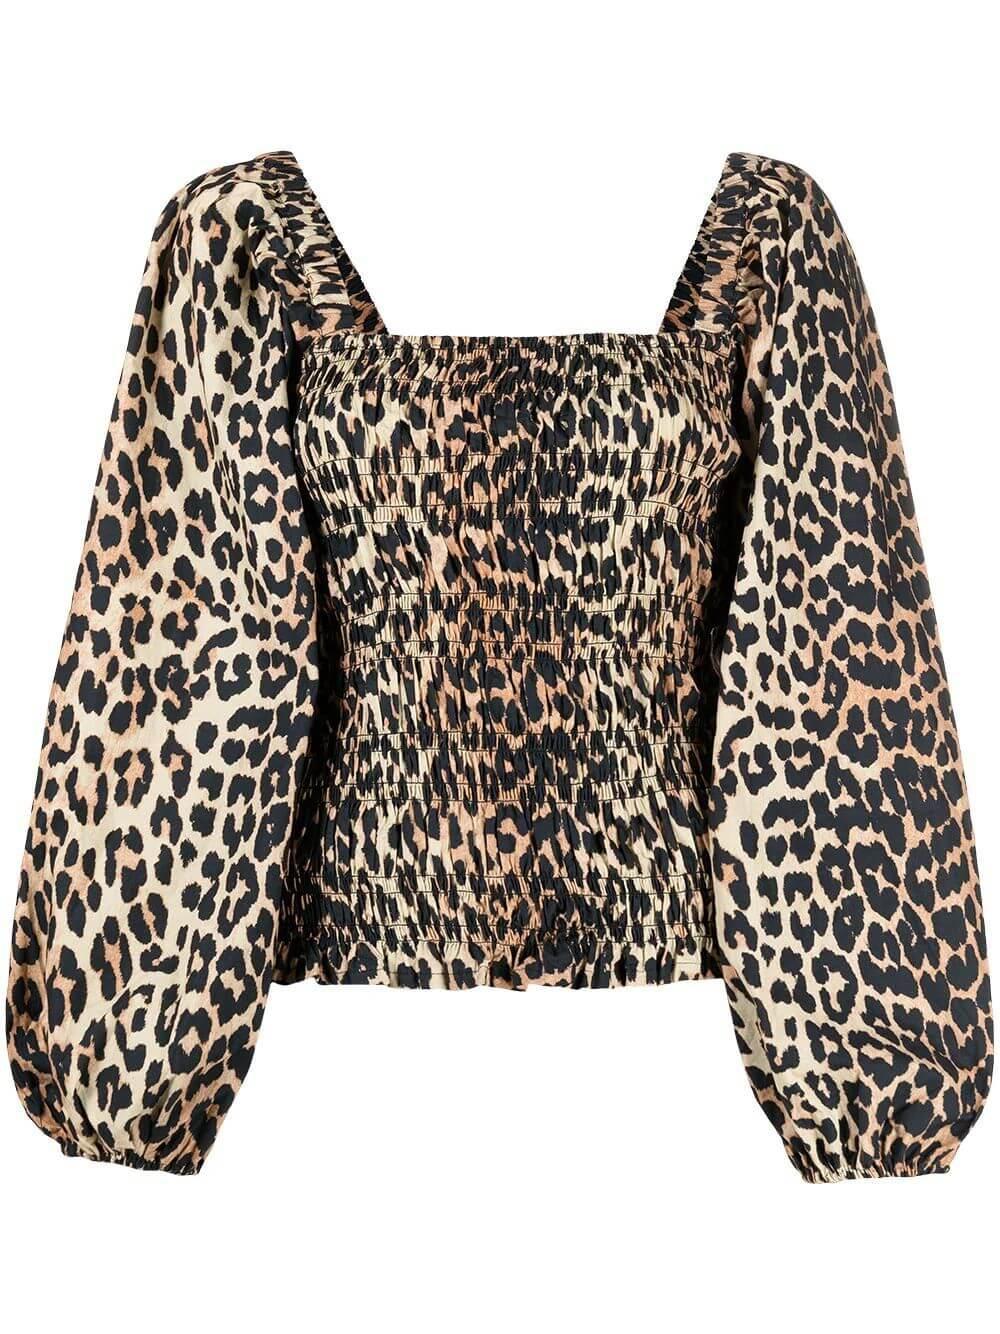 Leopard Poplin Top Item # F5656